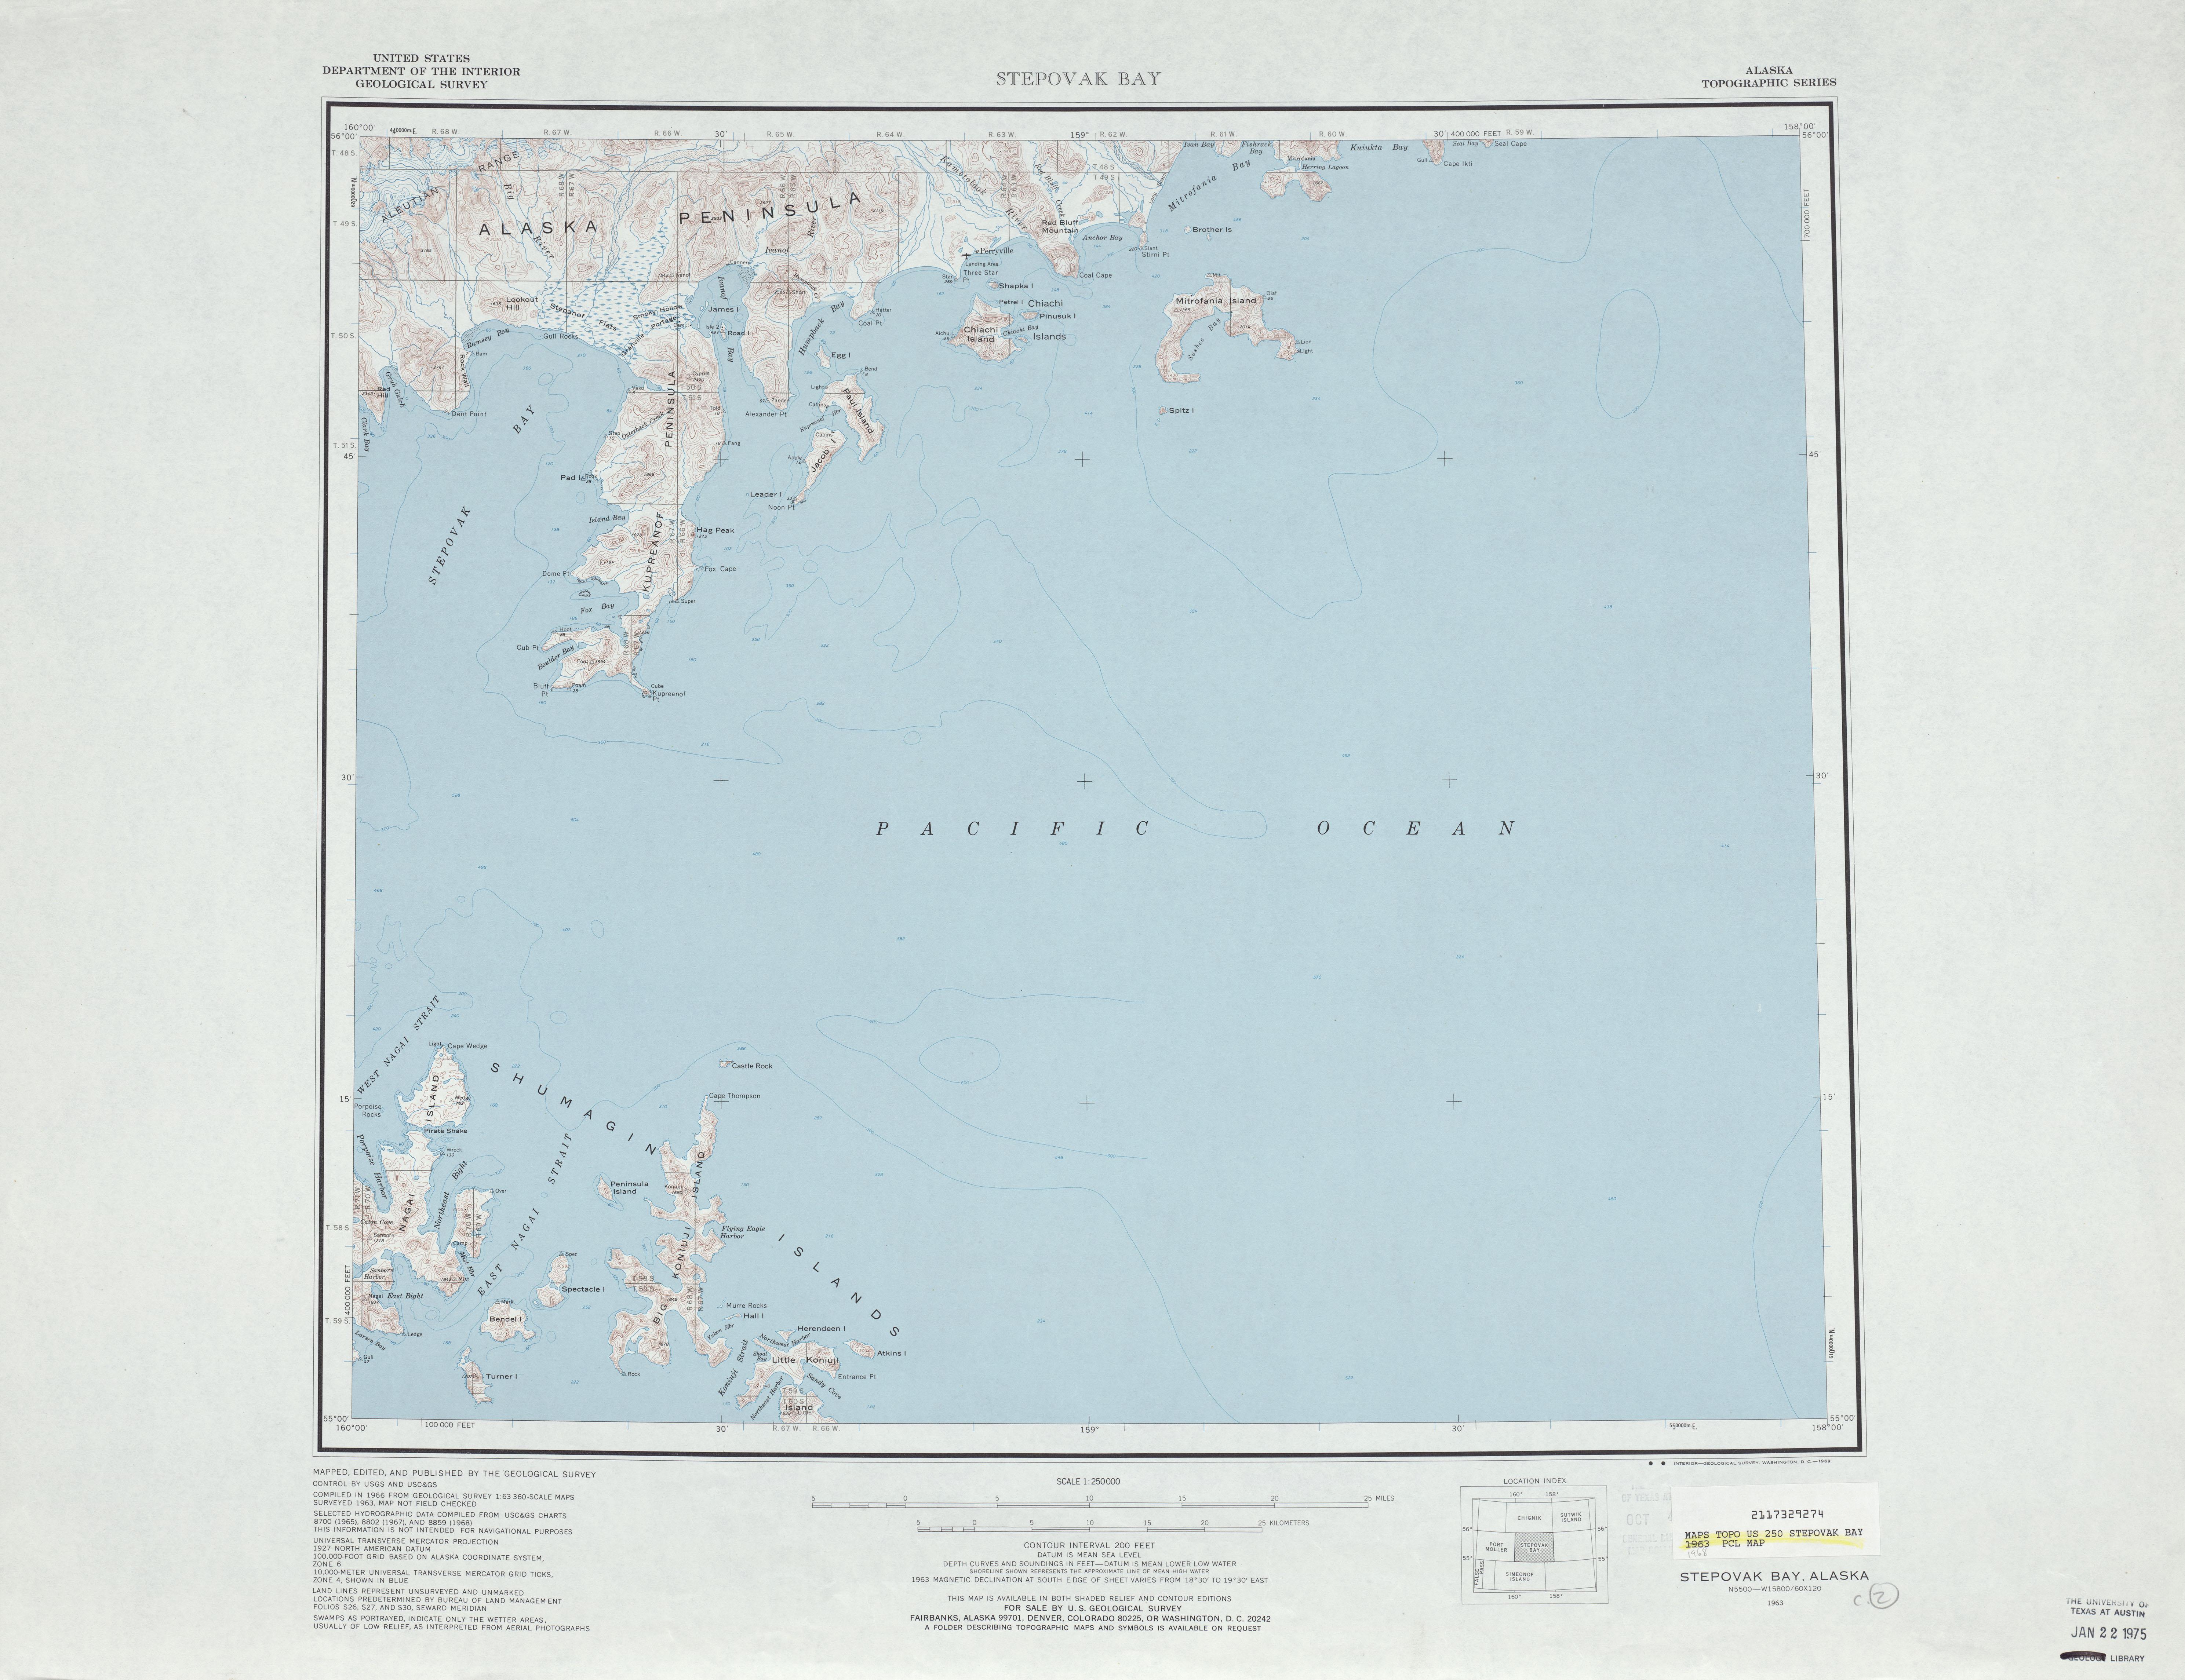 Hoja Stepovak Bay del Mapa Topográfico de los Estados Unidos 1968